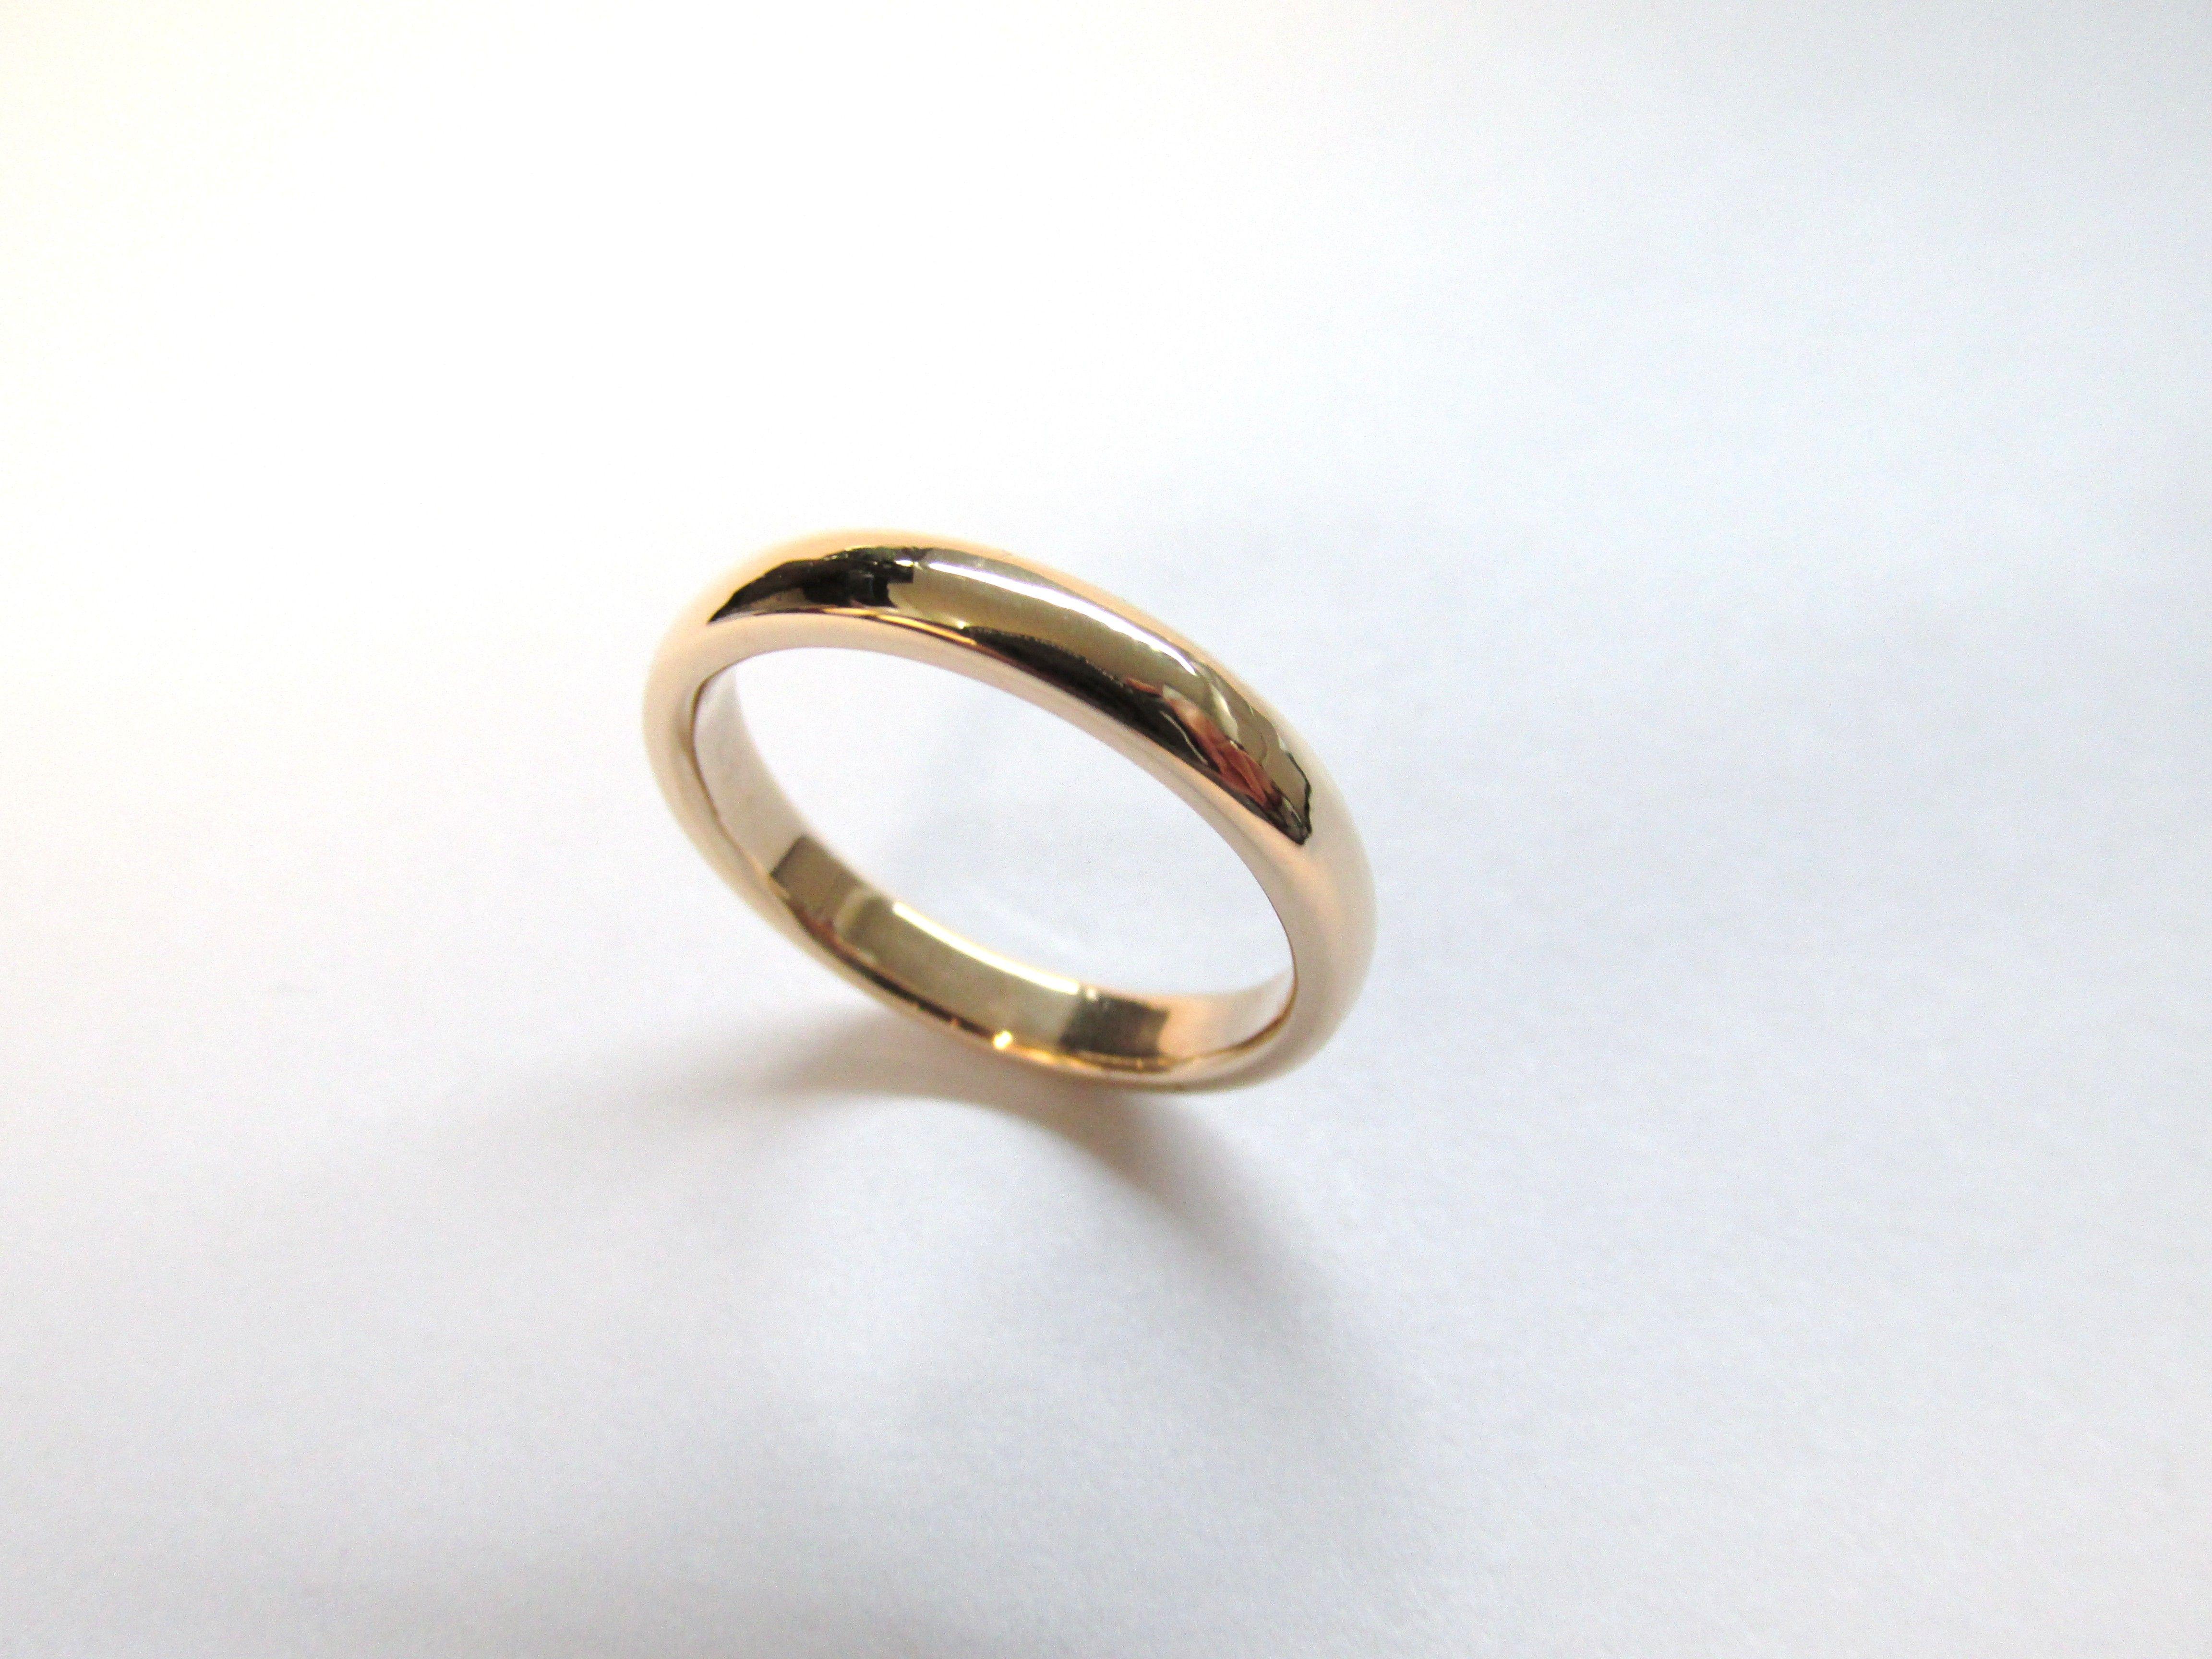 31991696be09 Argolla delgada y clásica en oro amarillo de 18k fabricada a mano. R697   duranjoyerosbogota